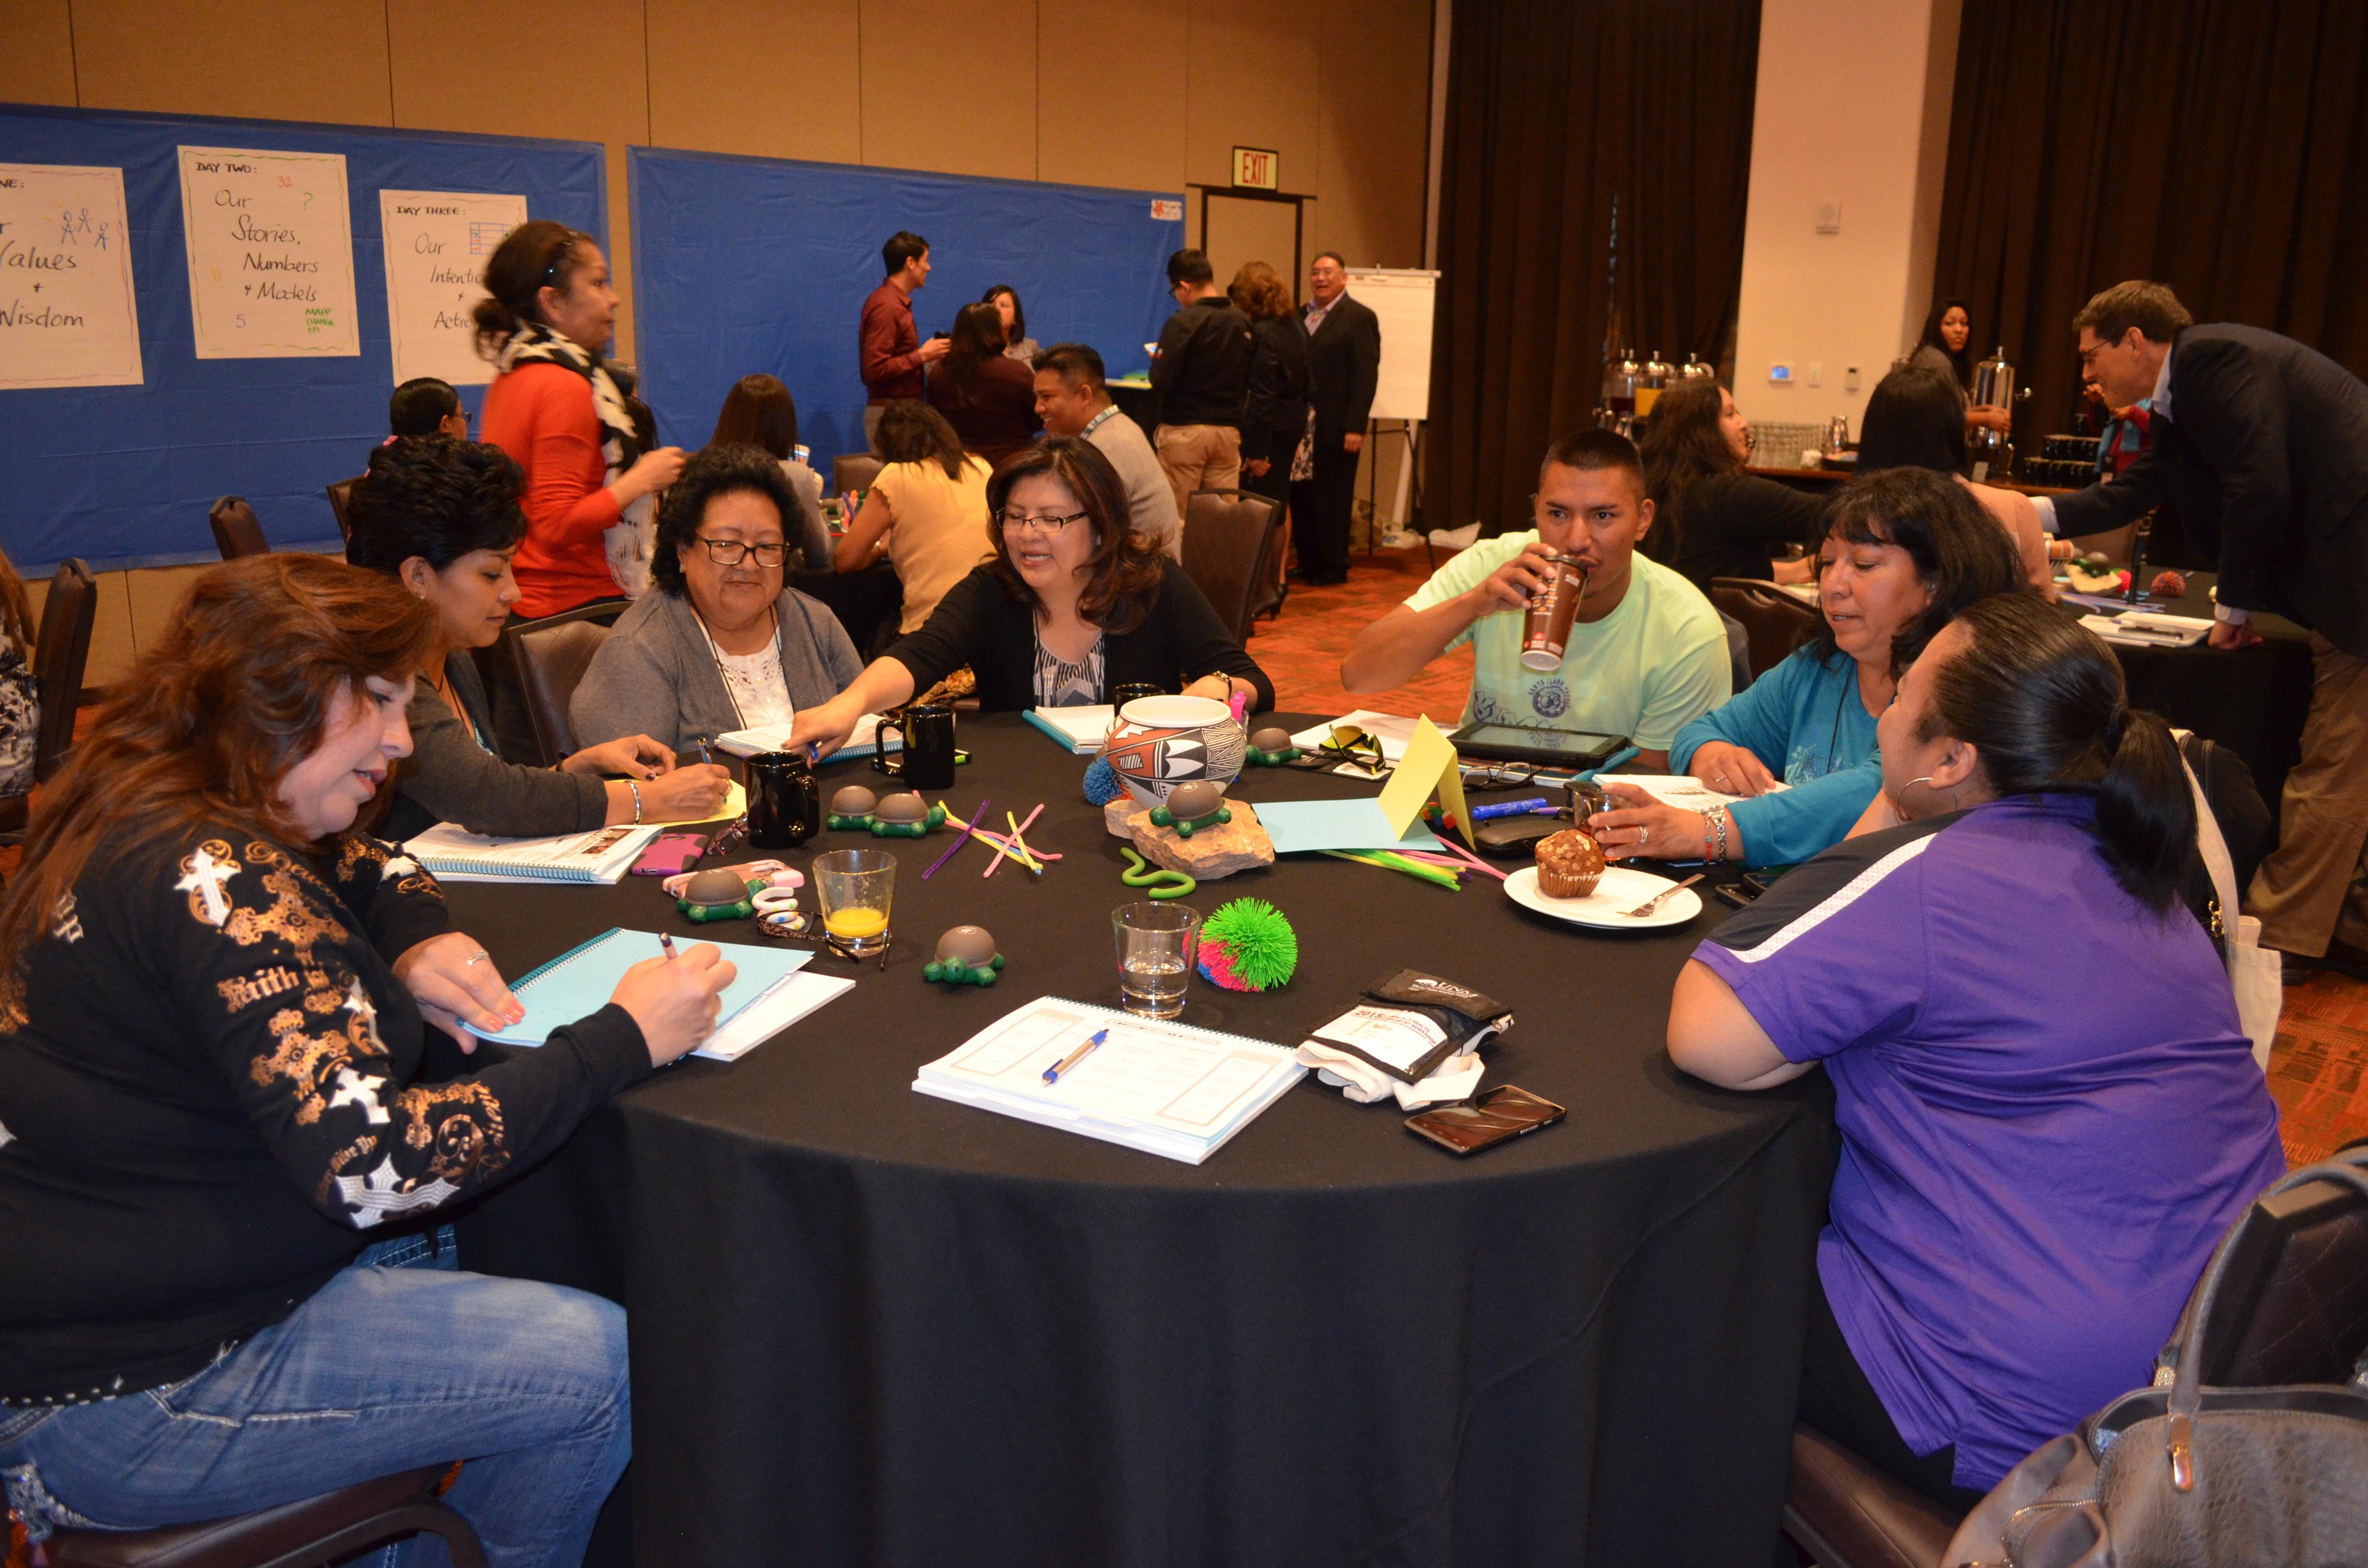 Grupo sentado alrededor de la mesa.